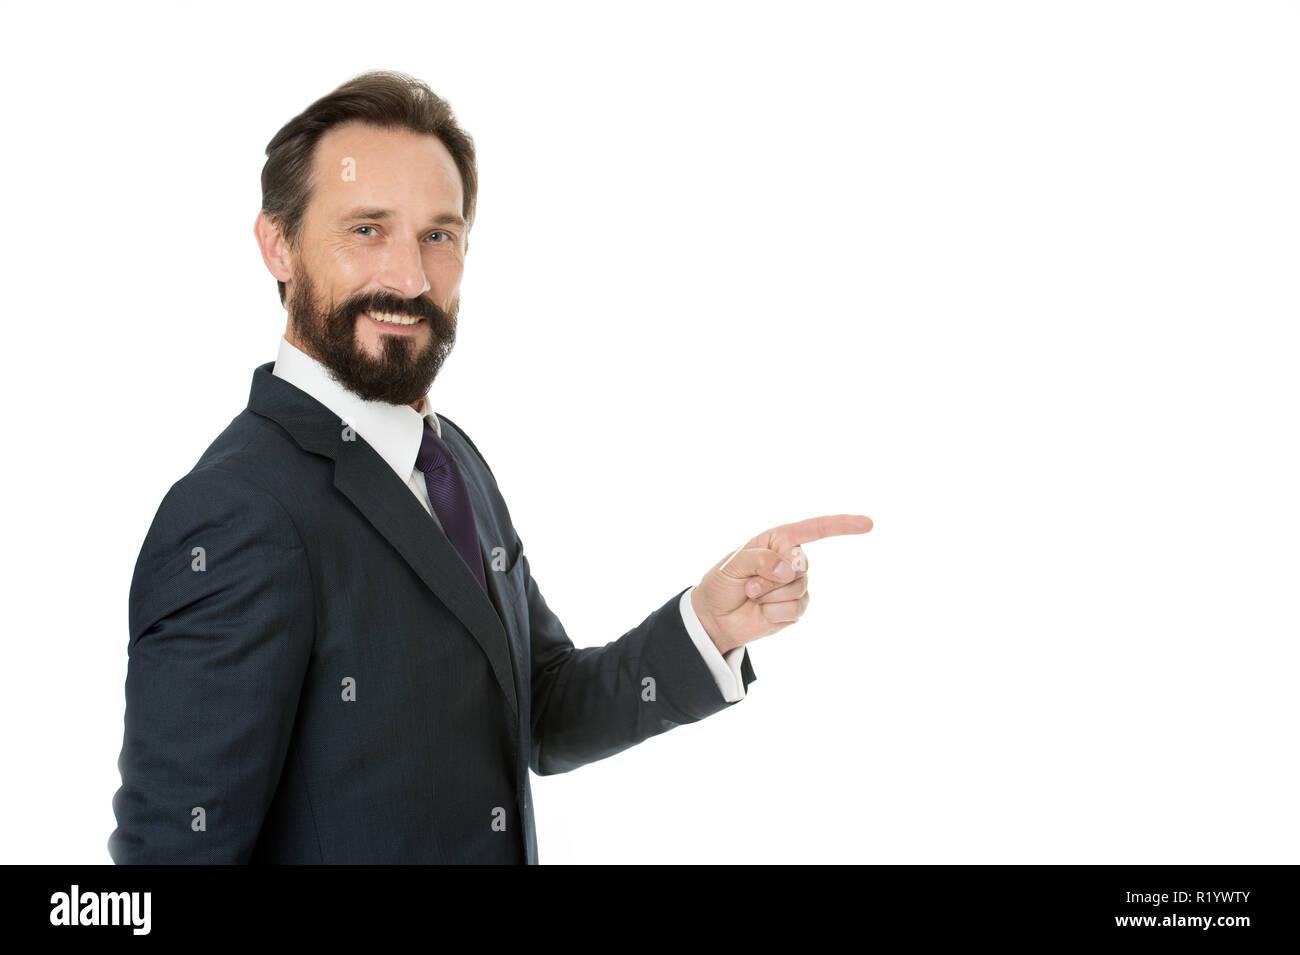 Concetto di uomo. L uomo puntare il dito isolato su bianco. Uomo Barbuto e43745fb5285